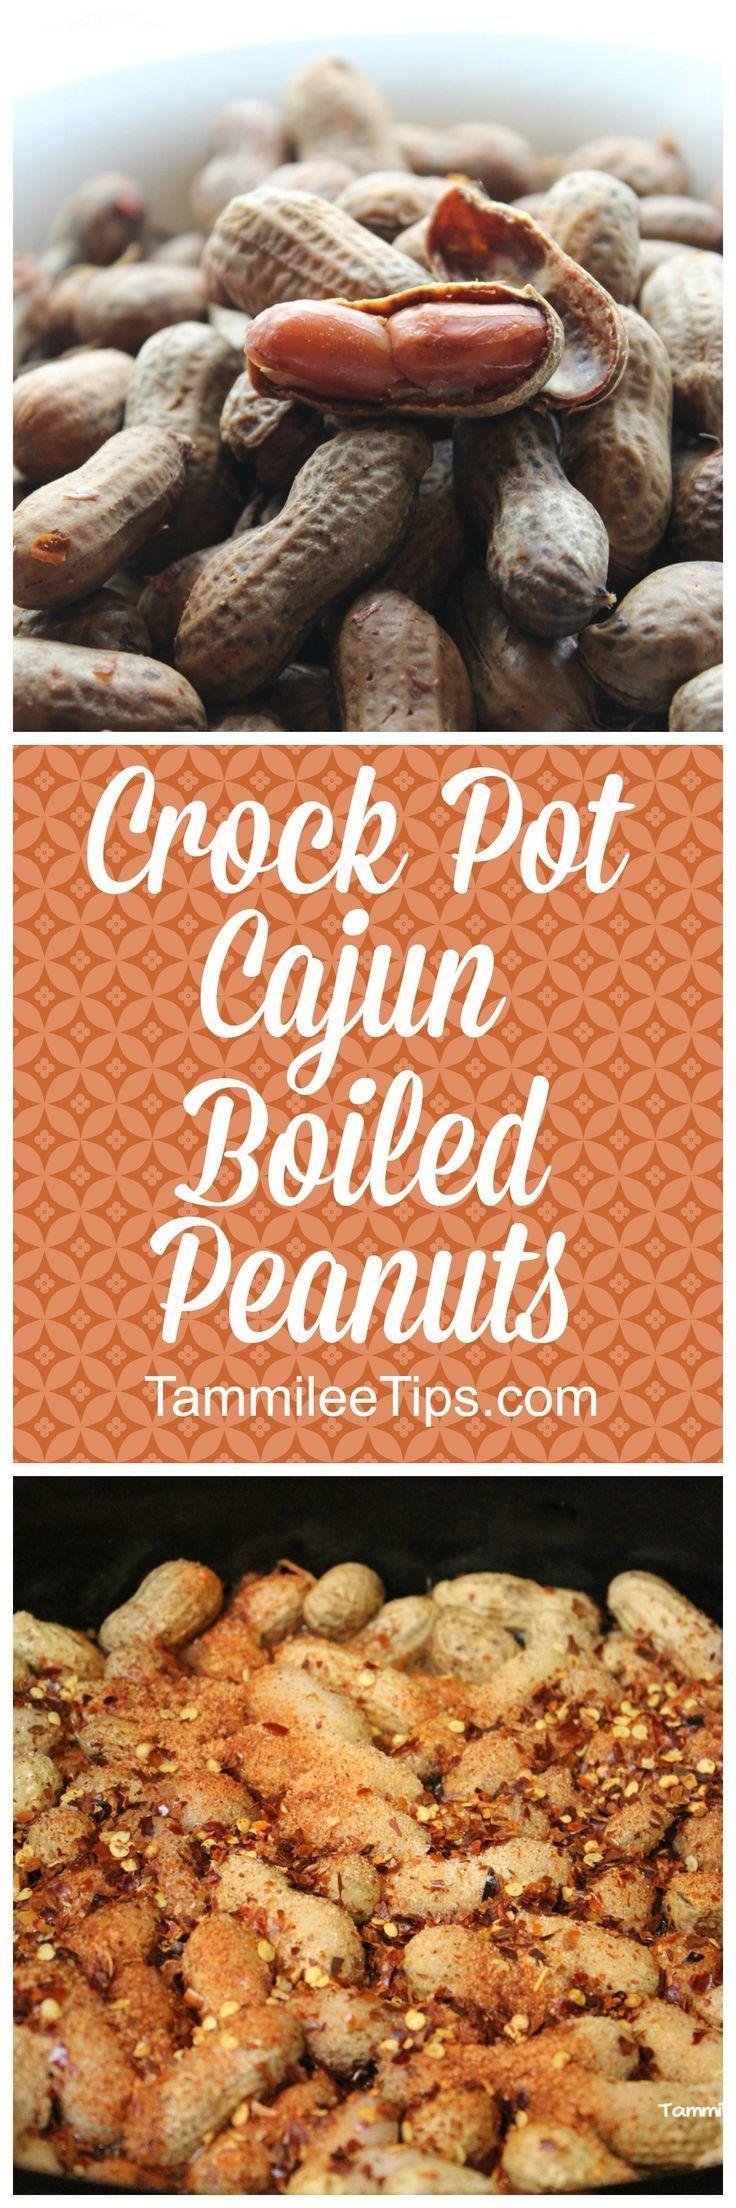 Crock Pot Cajun Boiled Peanuts #cajundishes